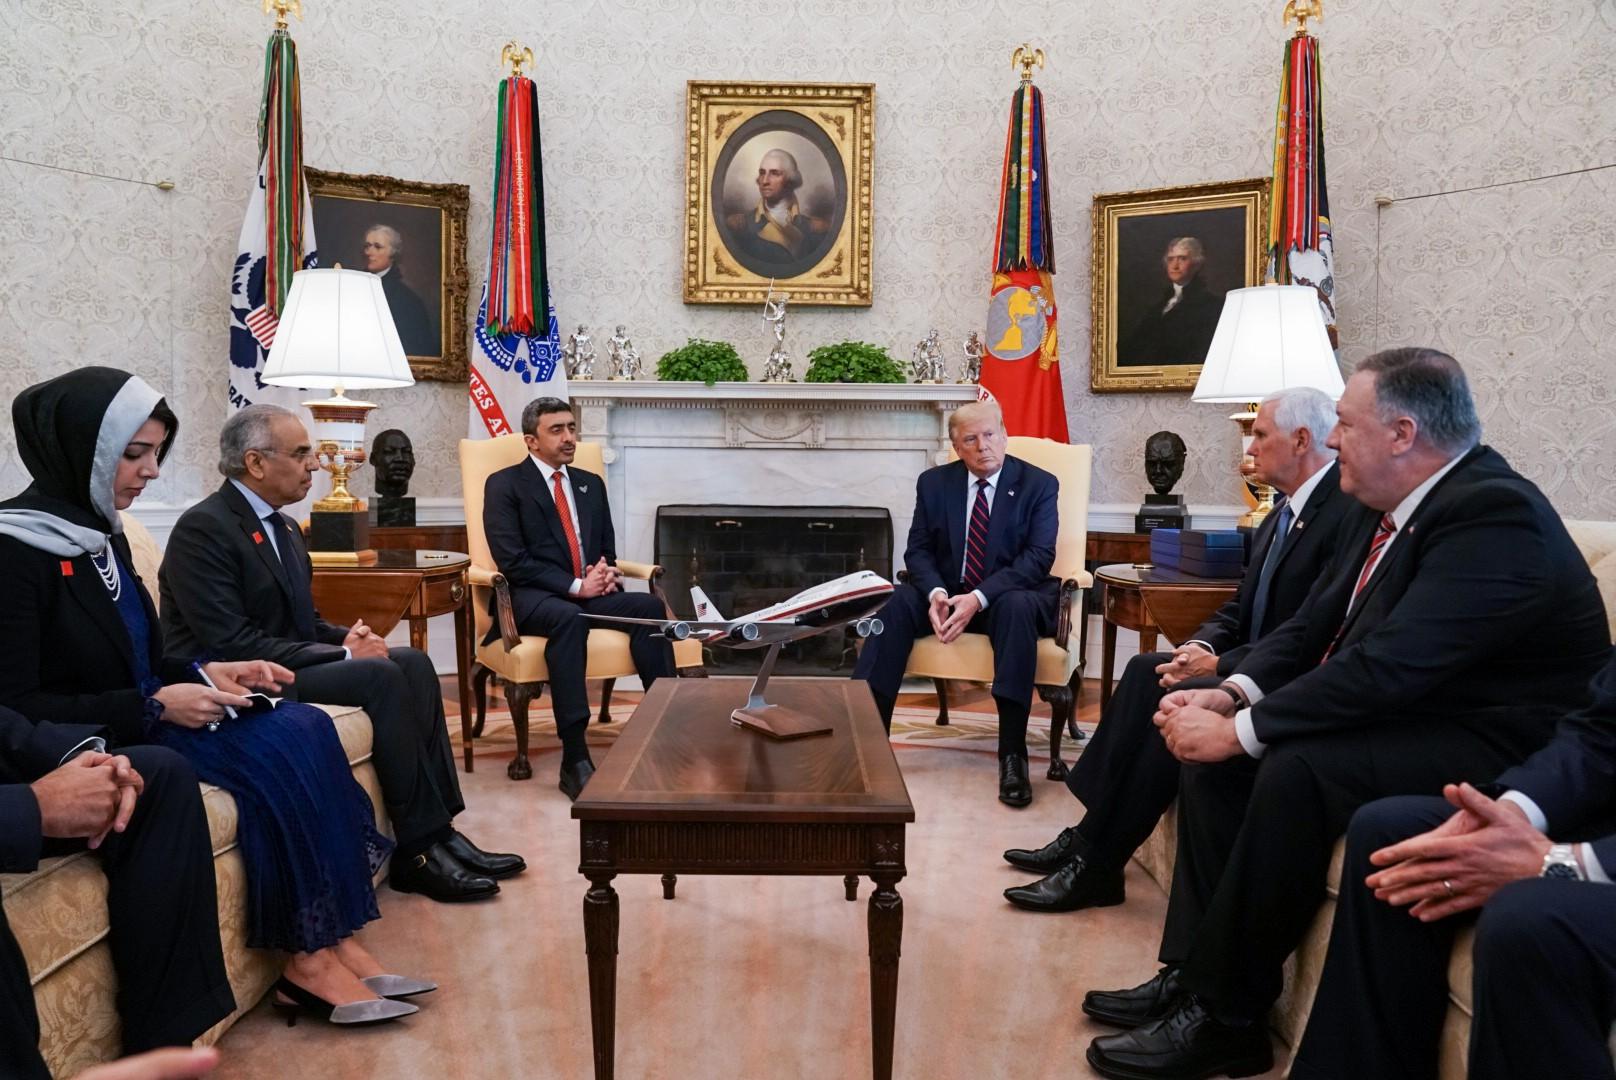 ترامب يستقبل عبدالله بن زايد في البيت الأبيض